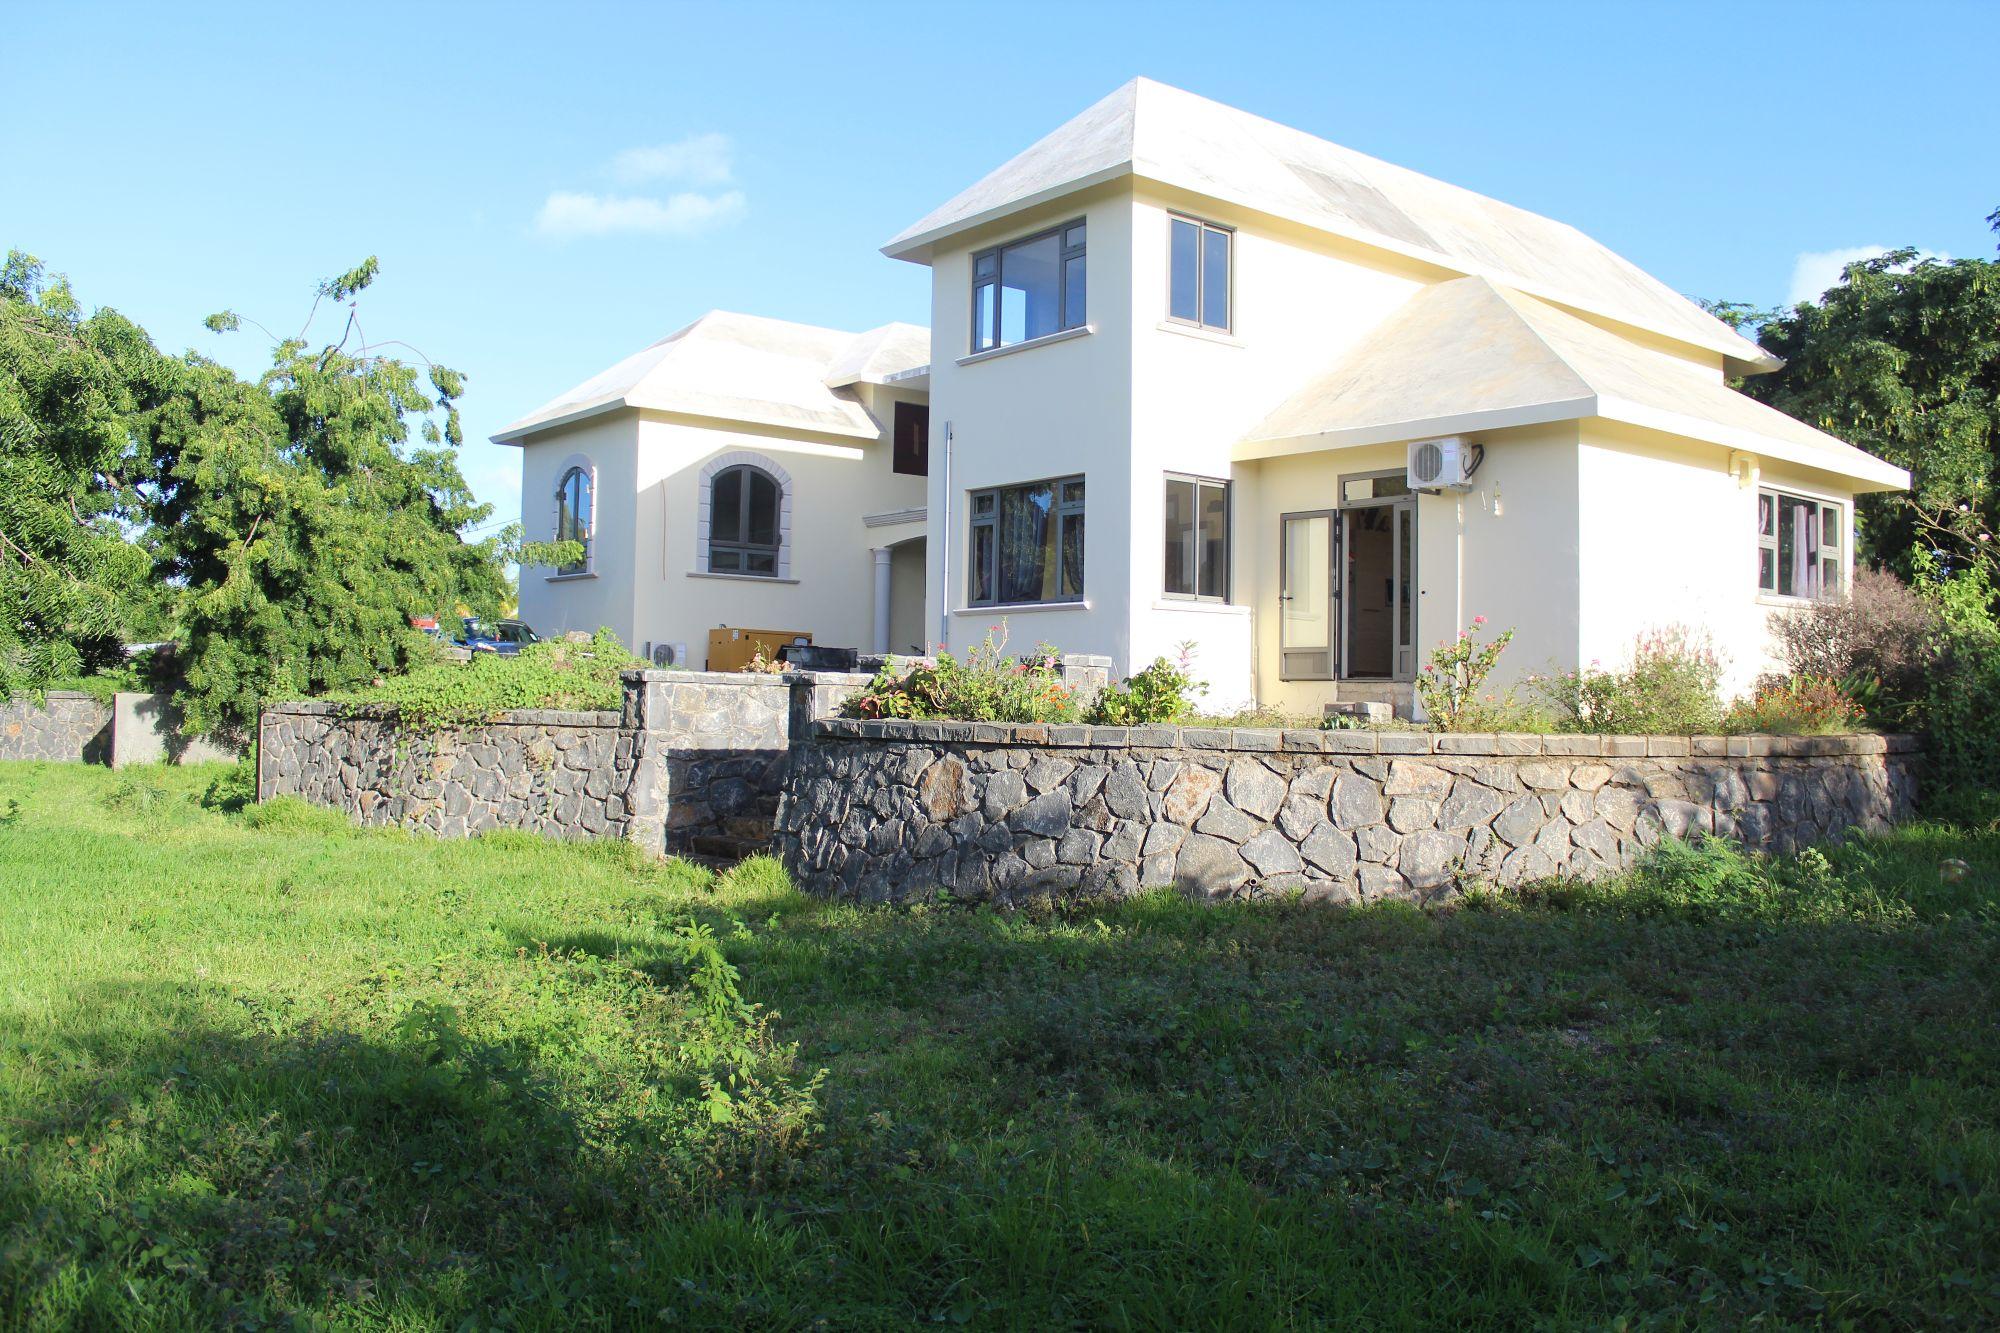 Cette magnifique maison à compléter de 510 m2 sur un terrain de 860 toises situe dans quartier résidentiel à Calodyne avec un bon voisinage